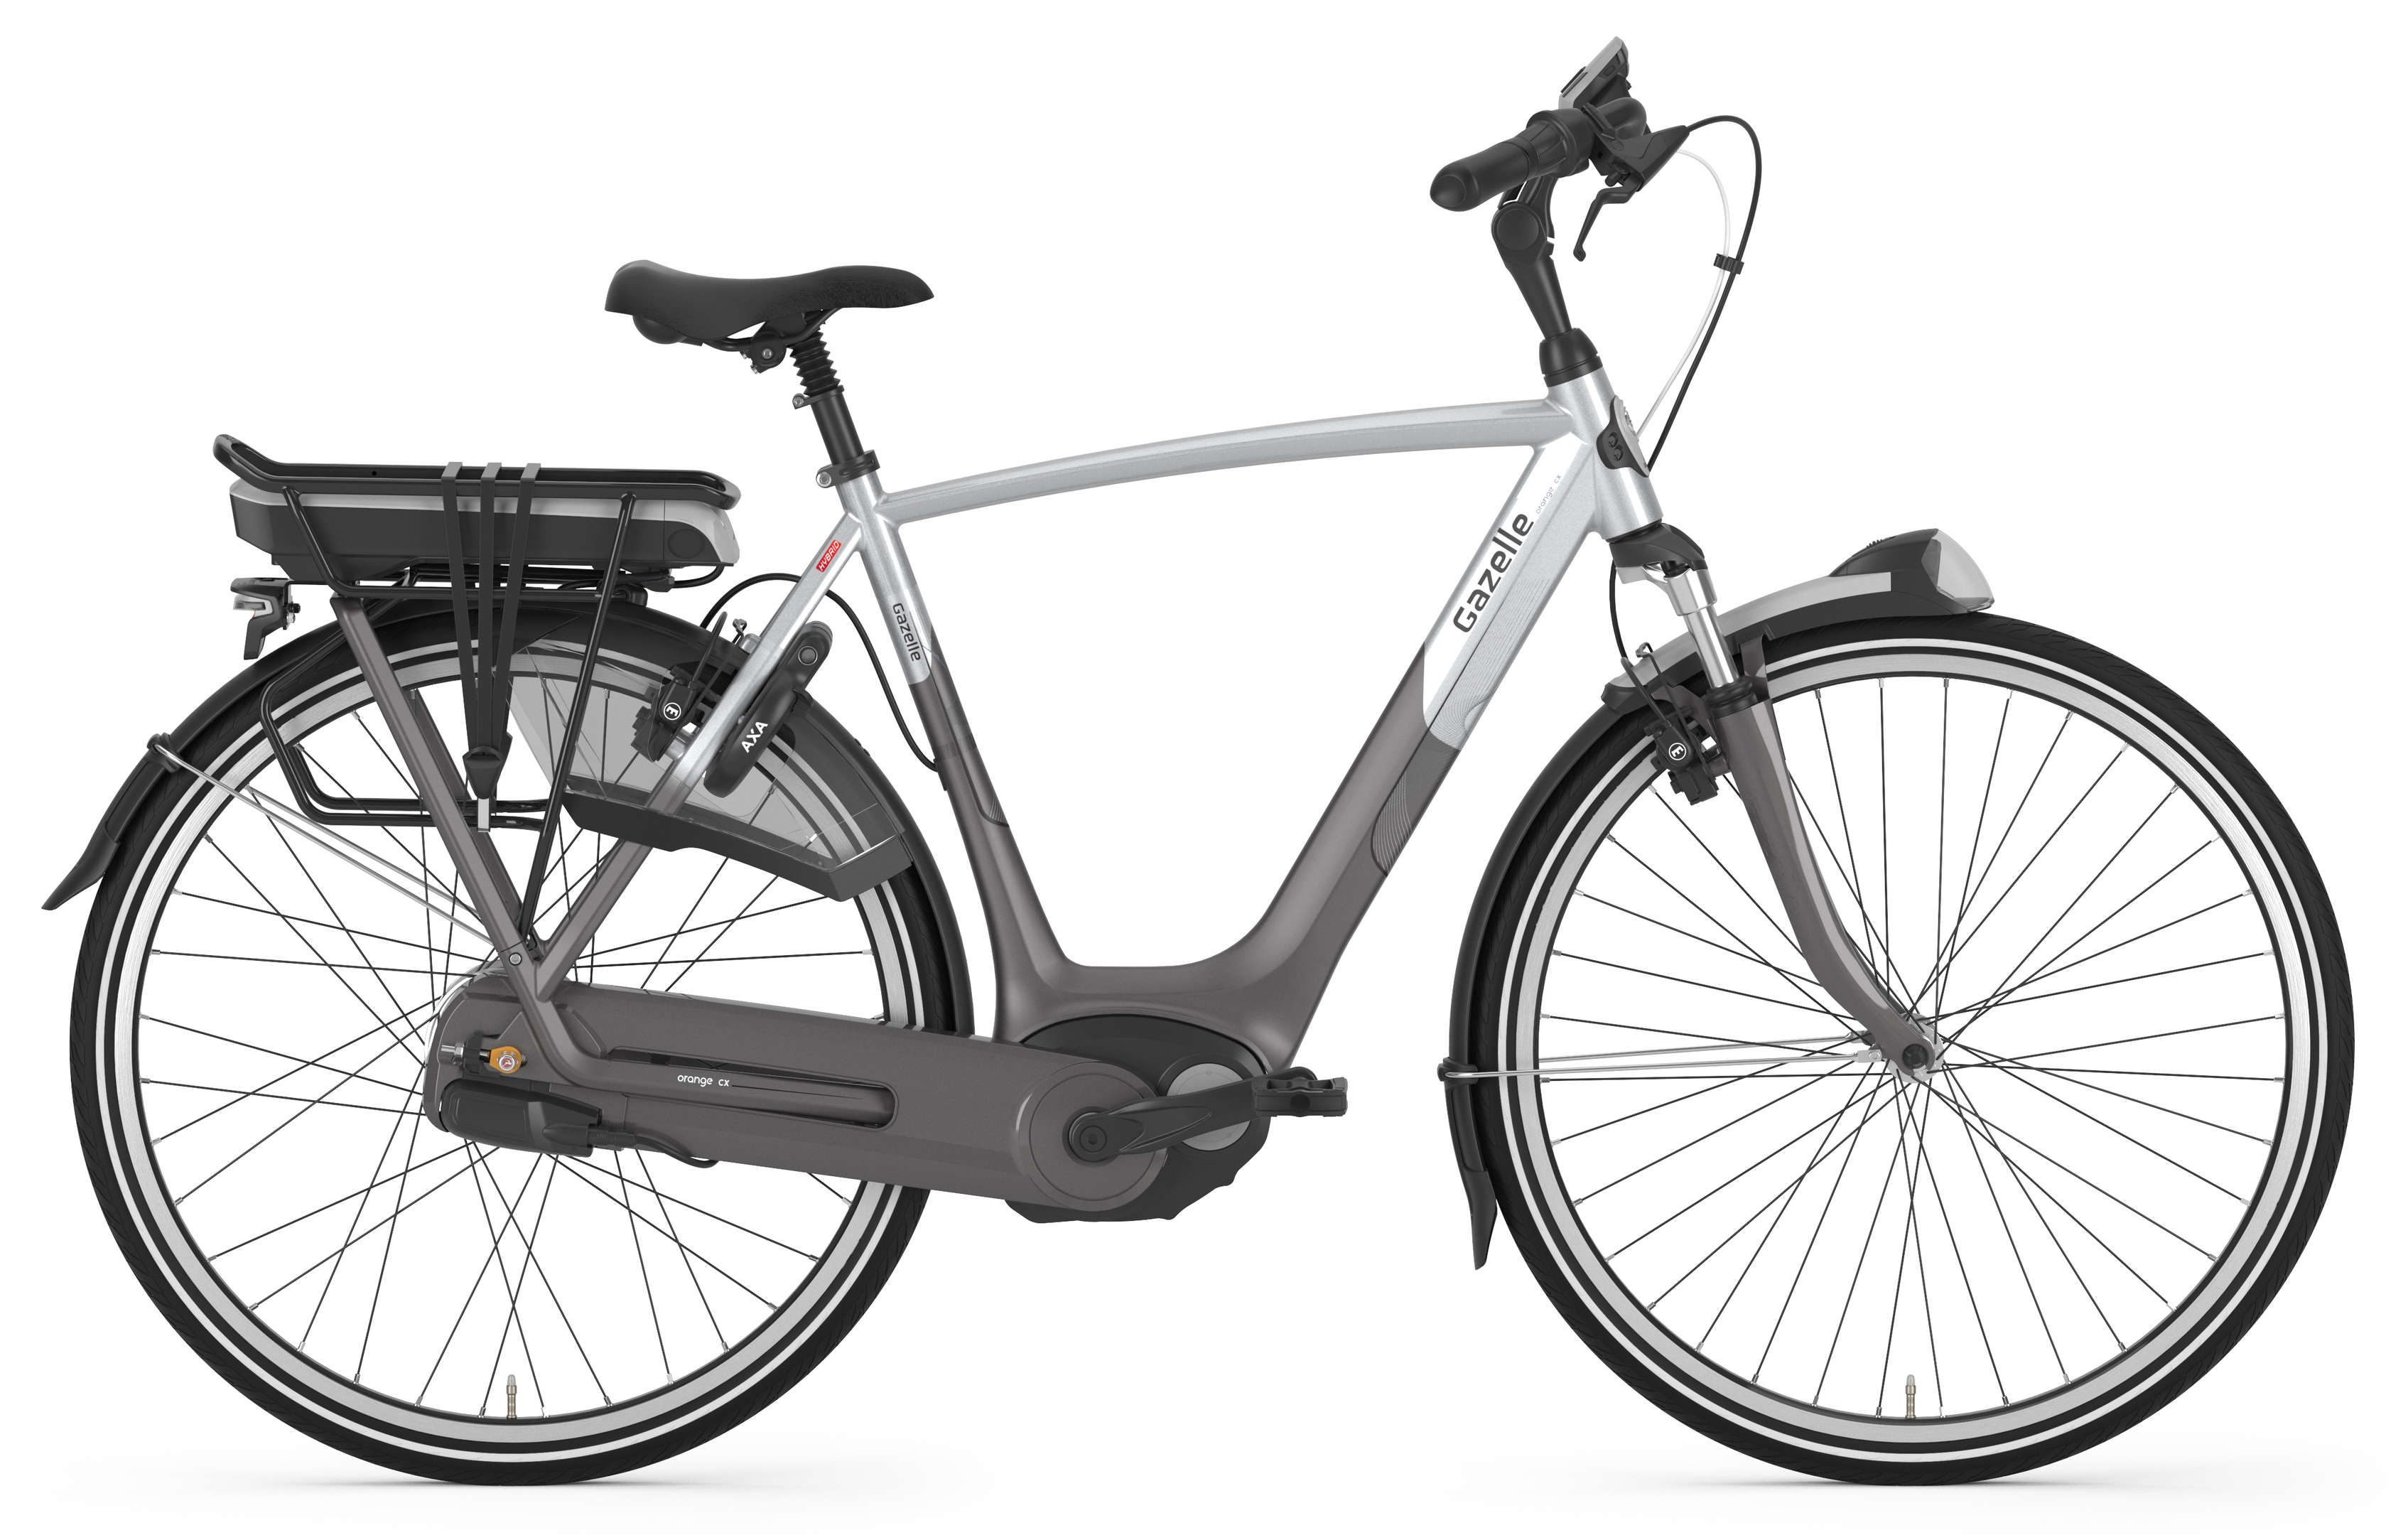 Gazelle E-Bike Orange CX HMB - Eurorad BikeleasingEurorad Bikeleasing